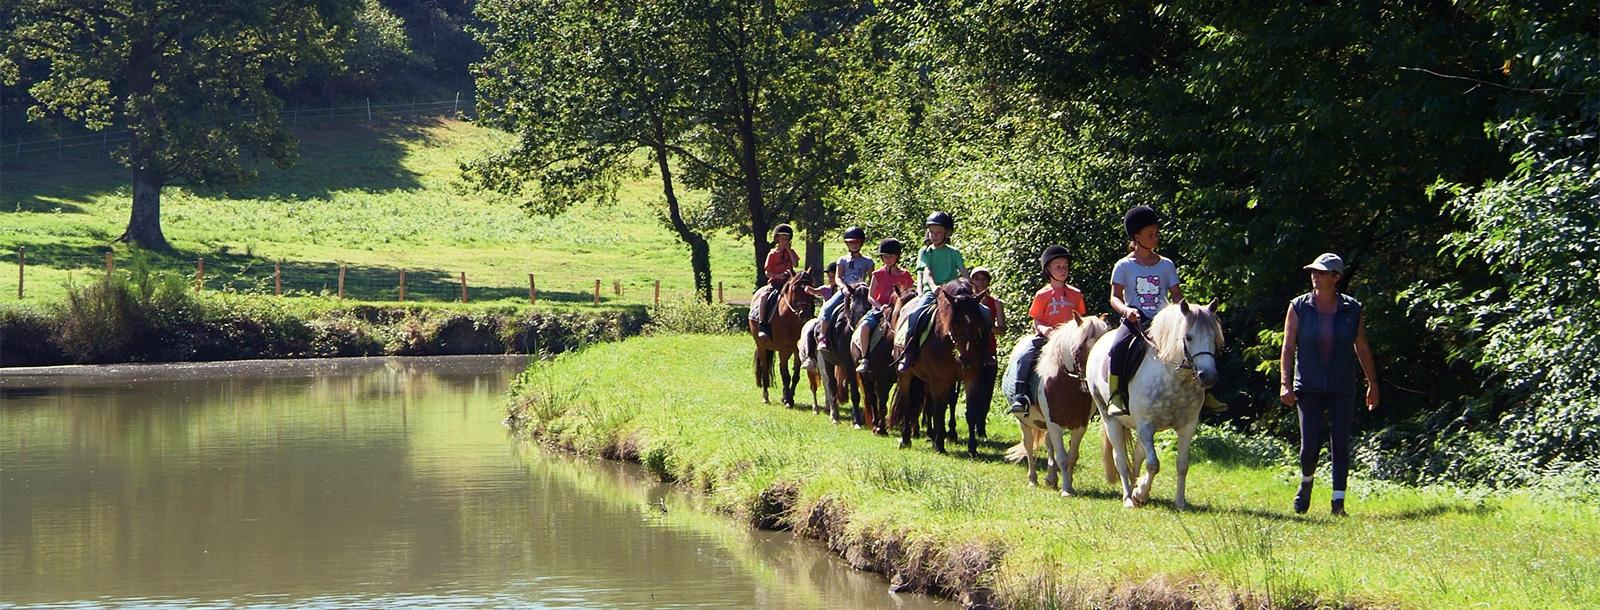 Die Leidenschaft für Pferde und den Reitsport